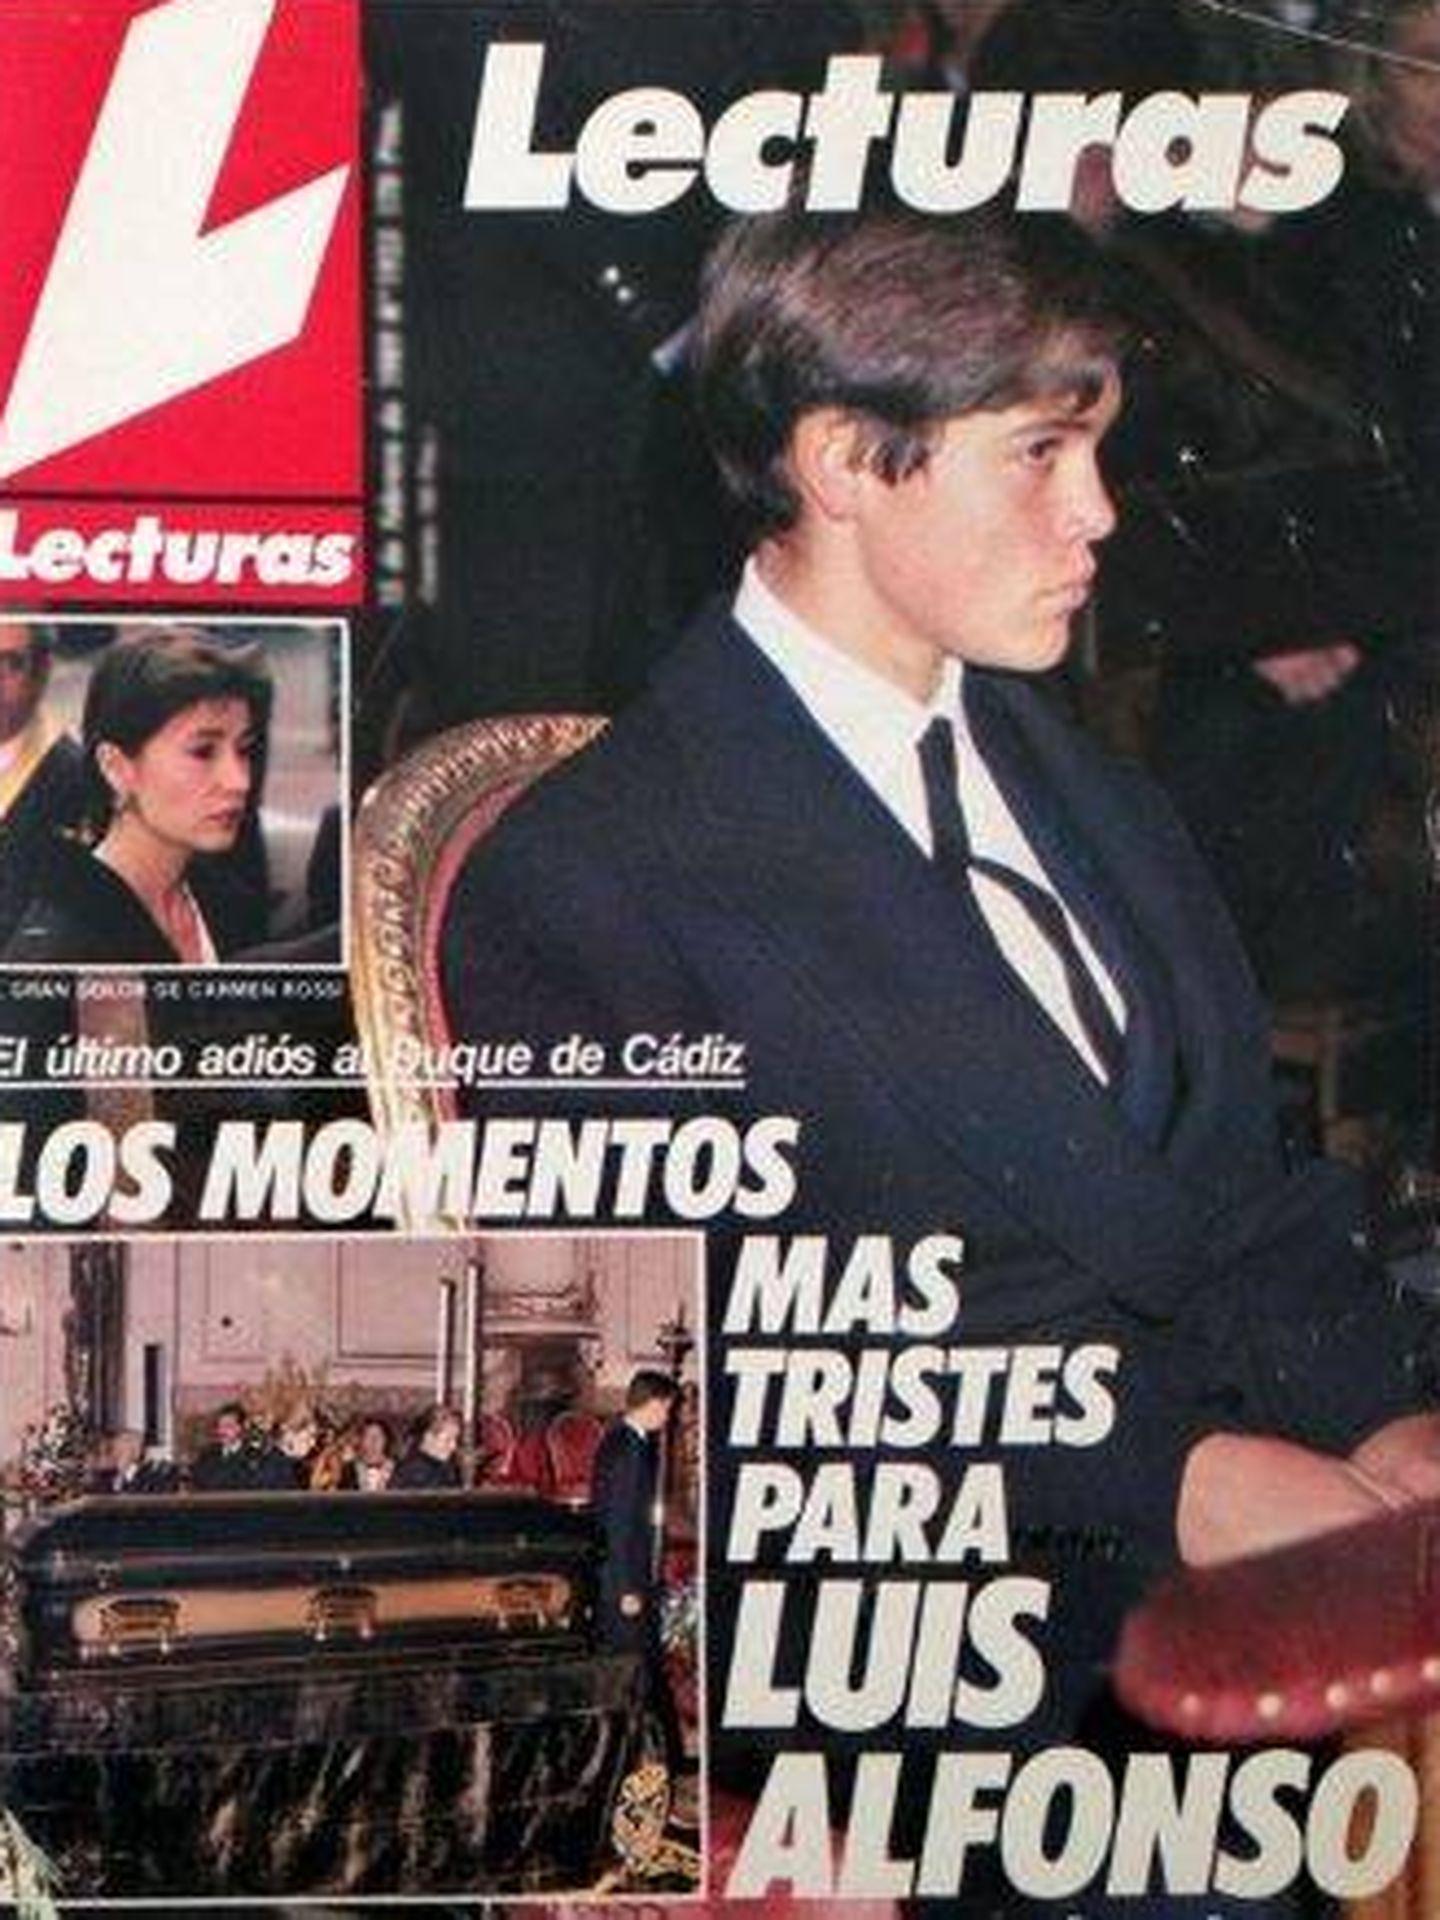 La portada de 'Lecturas' de aquel momento.